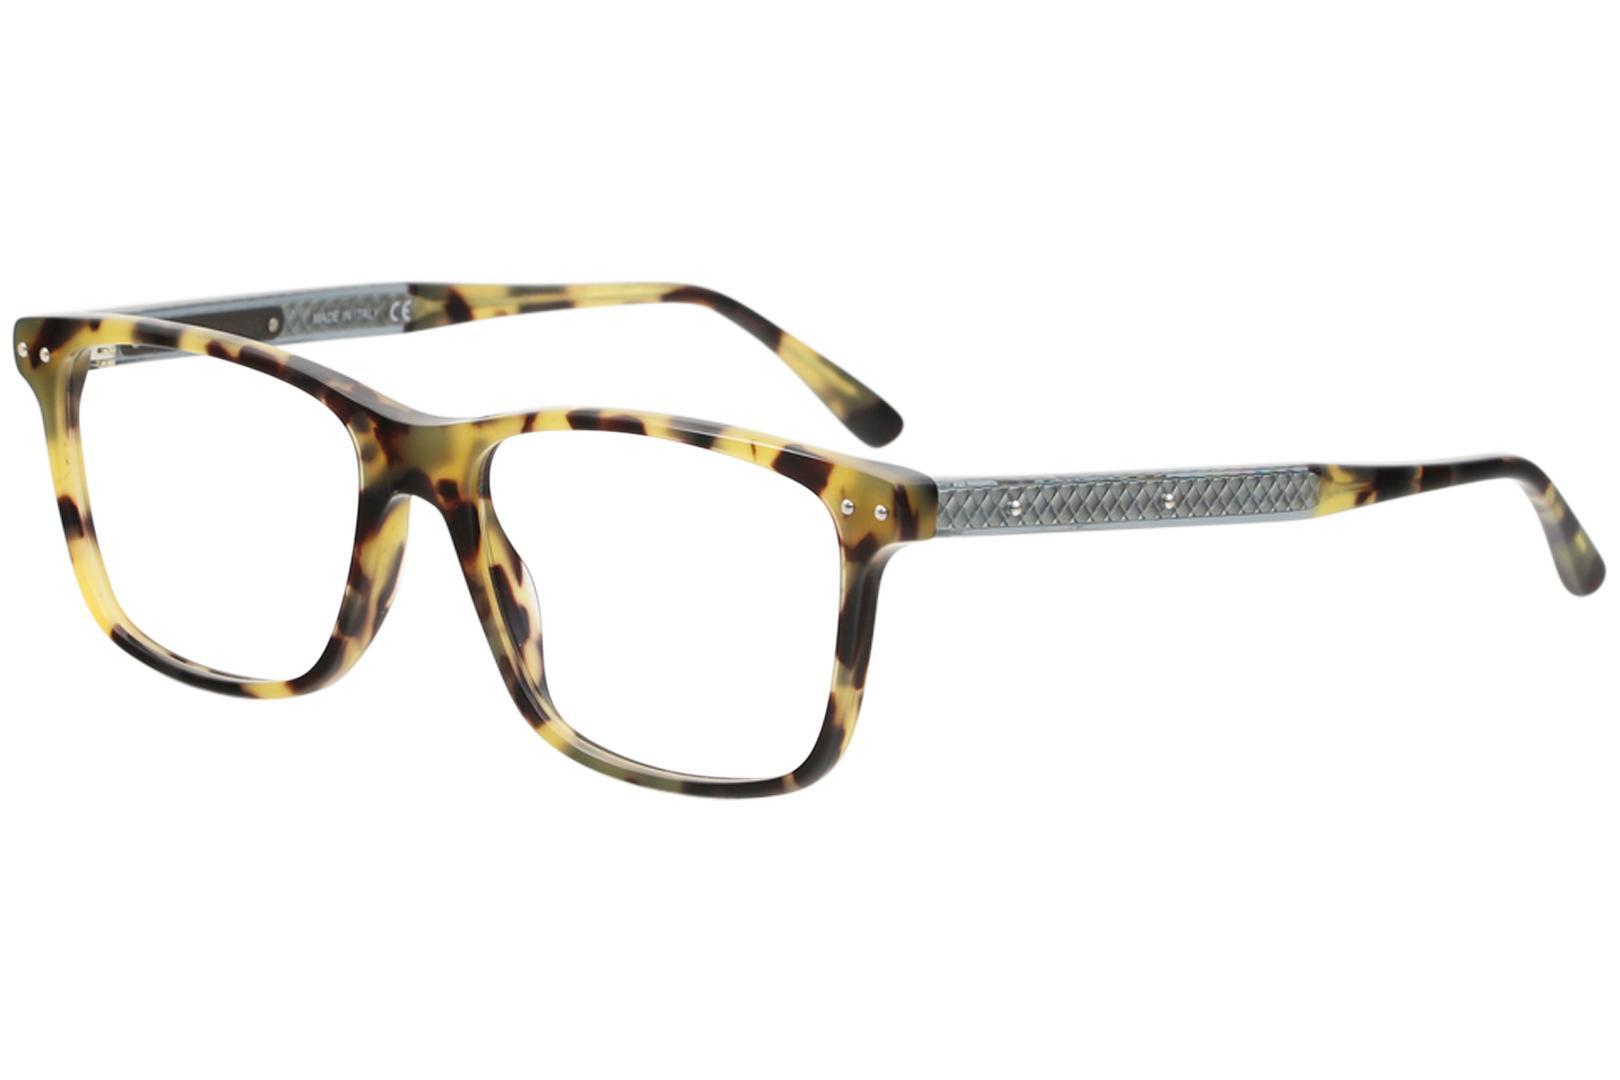 Image of Bottega Veneta Men's Eyeglasses BV0130O BV/0130O Full Rim Optical Frame - Havana/Green Transparent   010 - Lens 55 Bridge 17 Temple 150mm